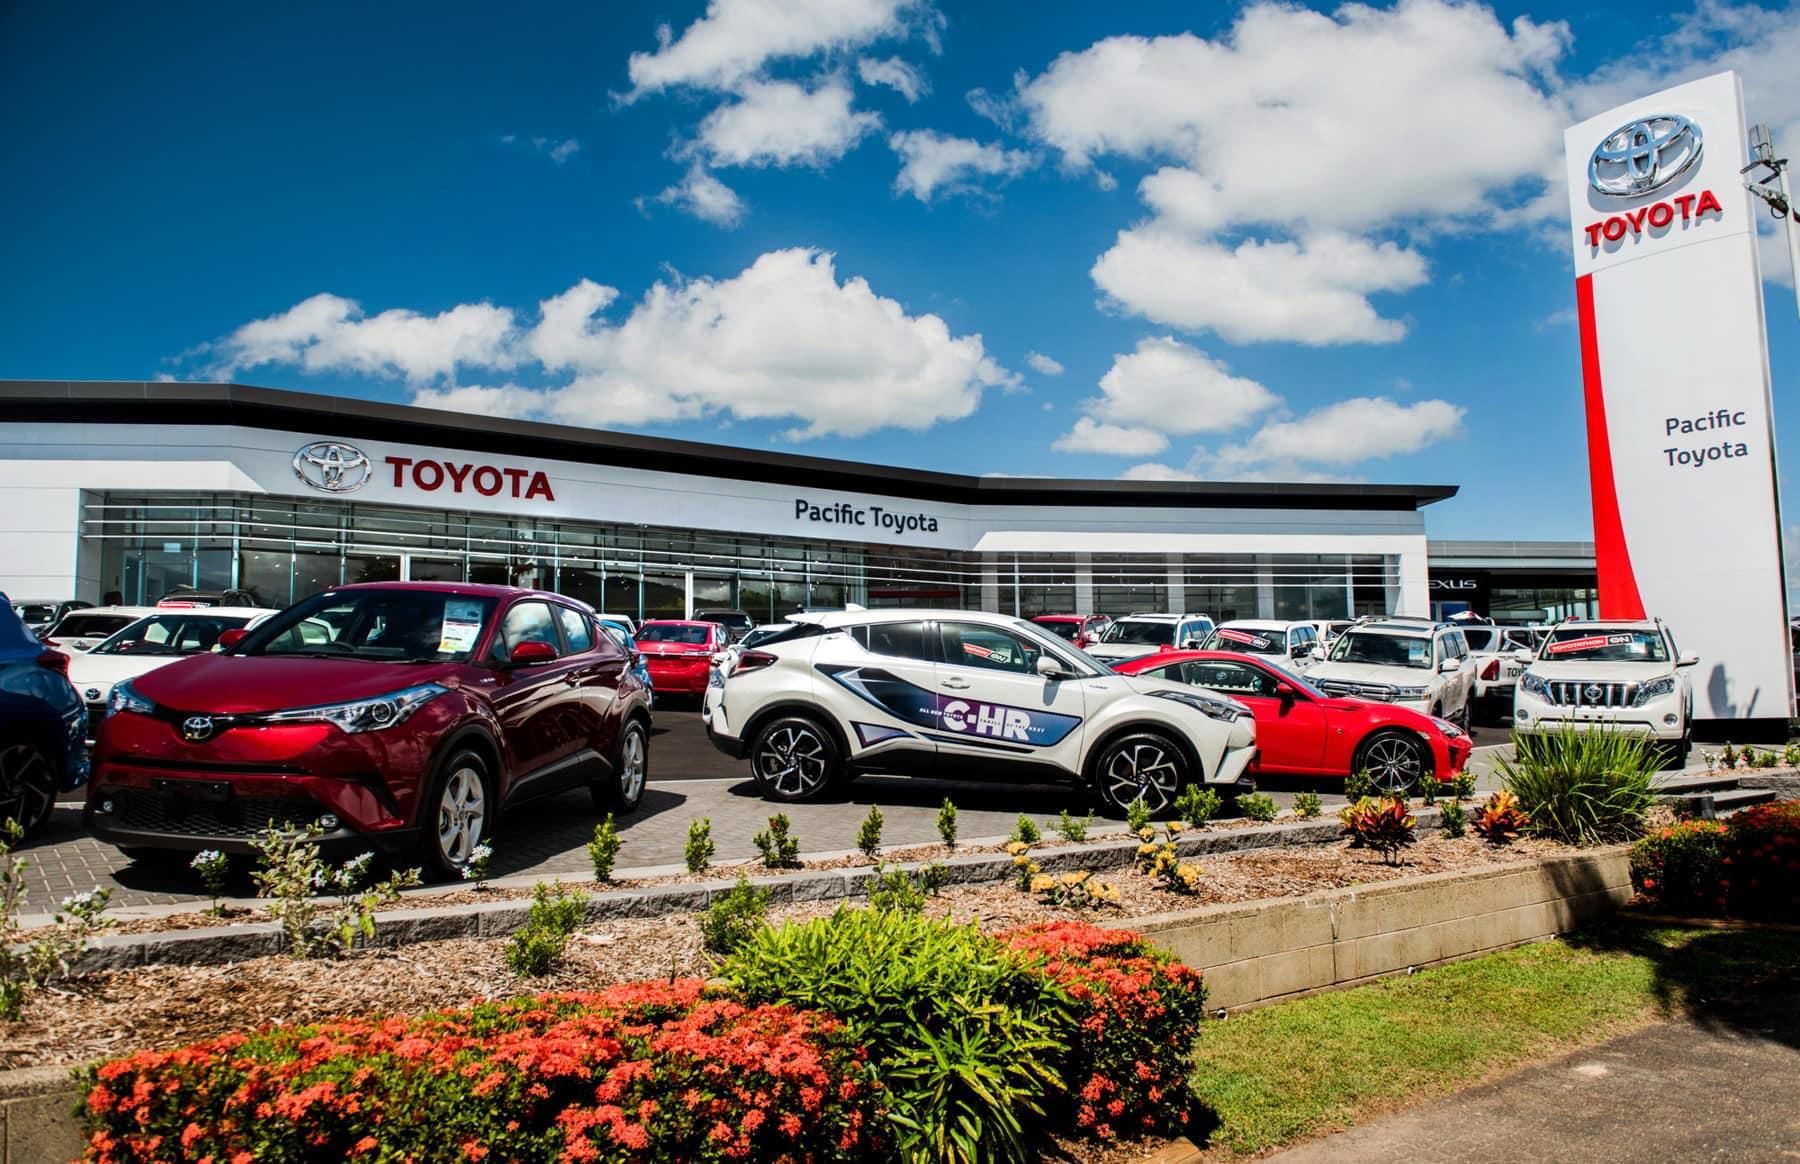 Pacific Toyota & Lexus